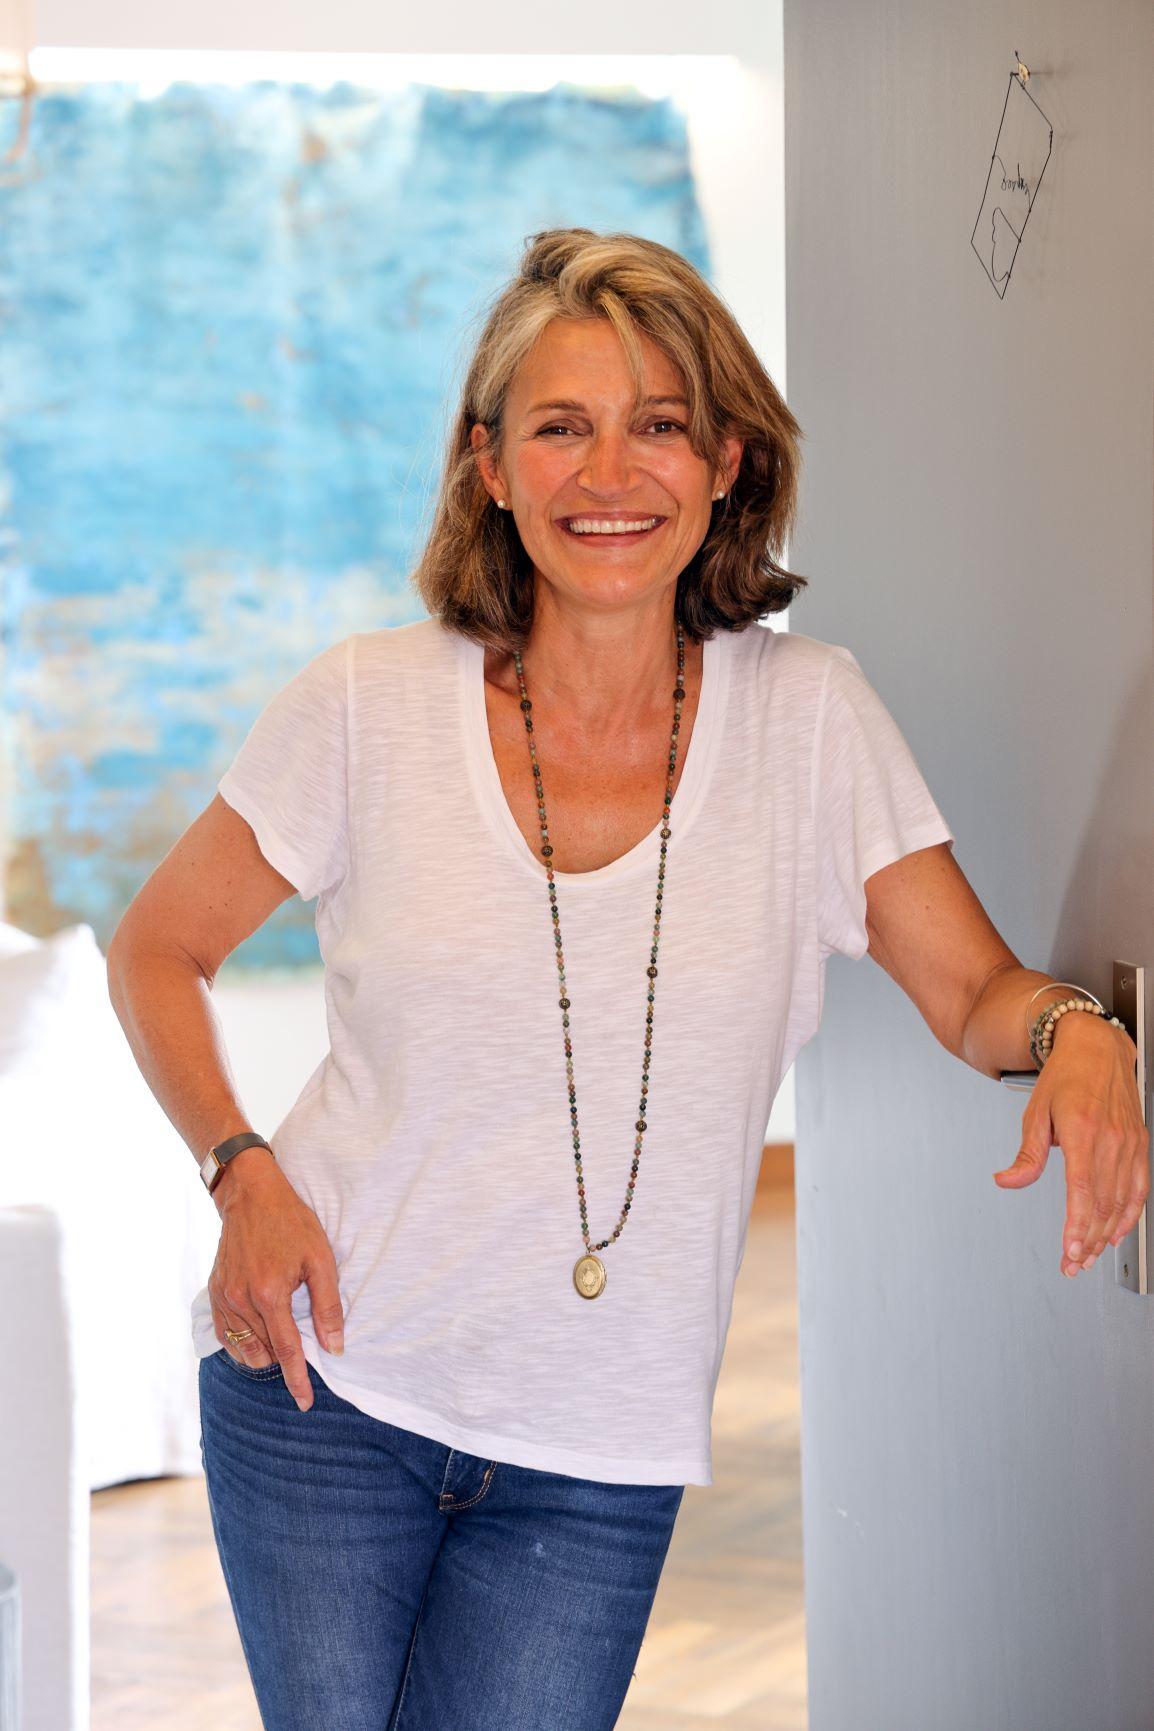 Veronique marie thérapeute holistique biarritz bayonne anglet aide à la personne sophrologue coaching méthodes peat art thérapie